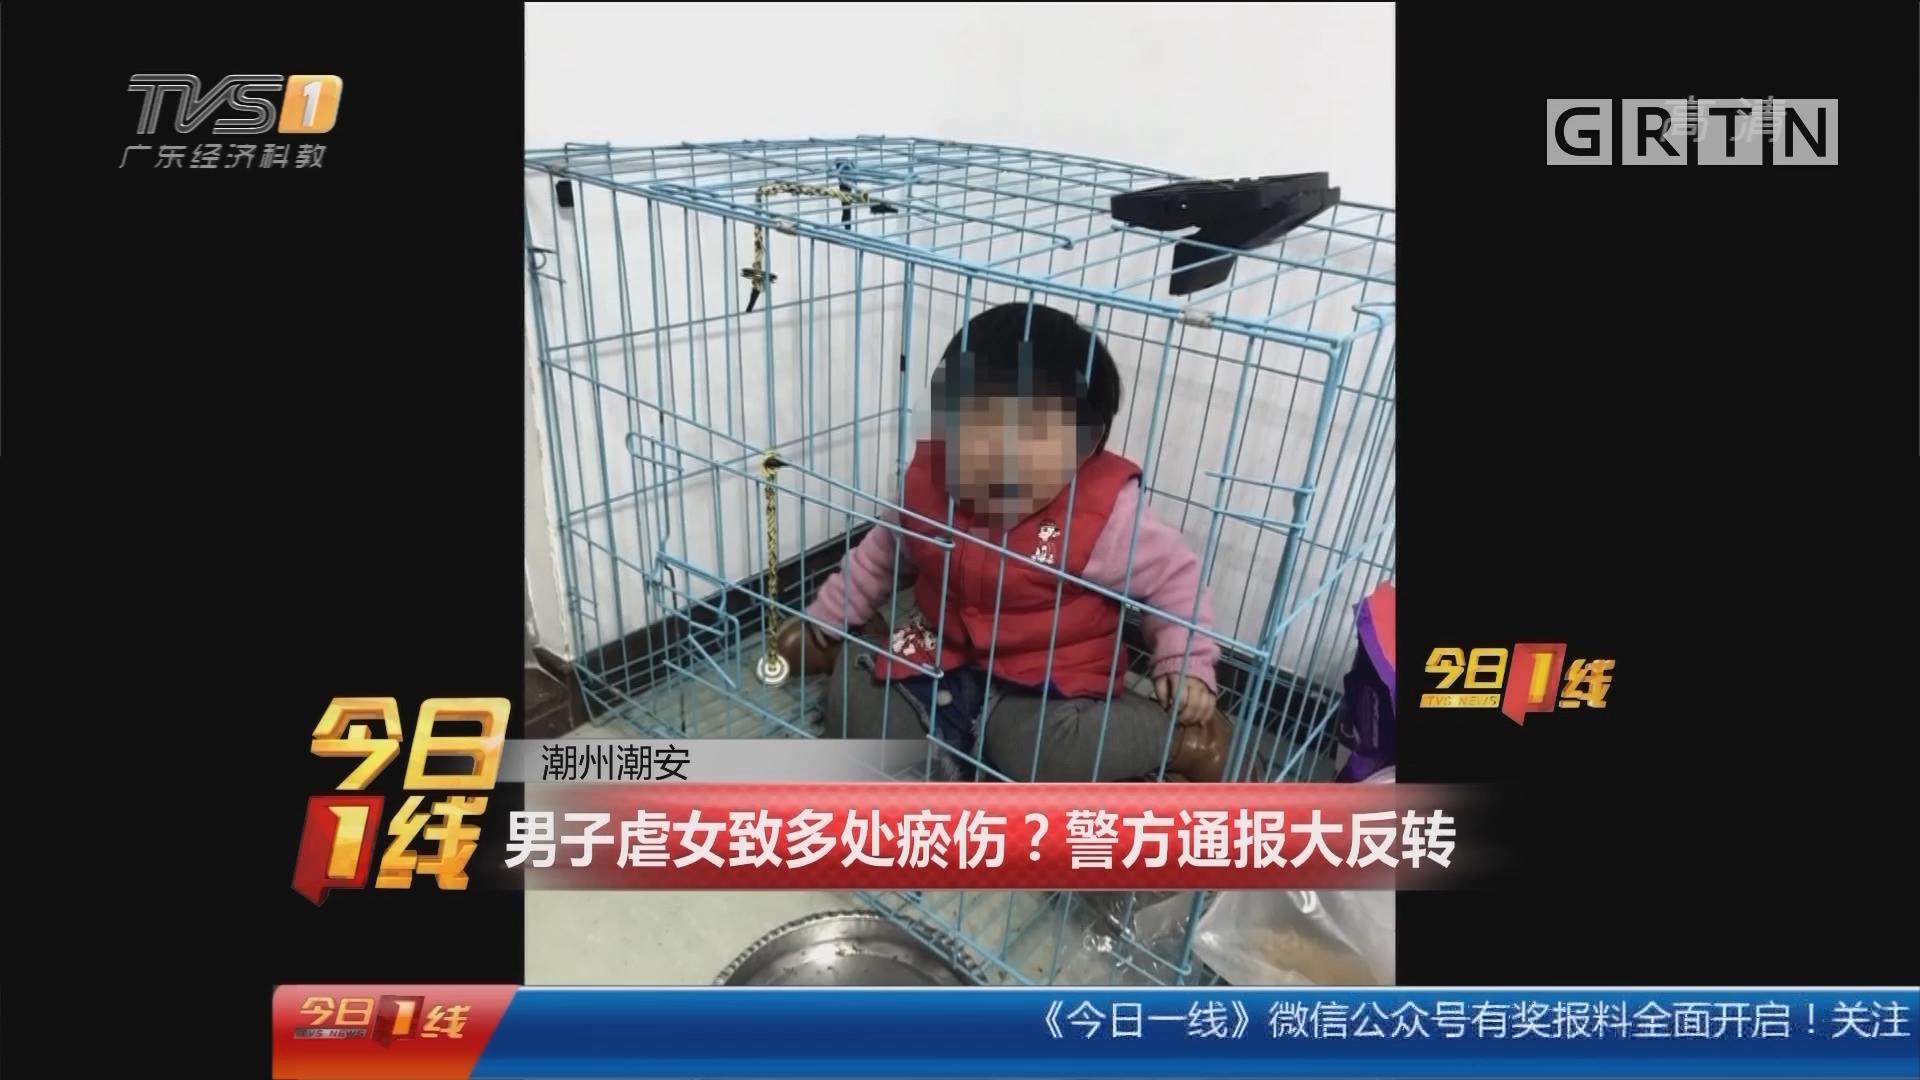 潮州潮安:男子虐女致多处淤伤?警方通报大反转